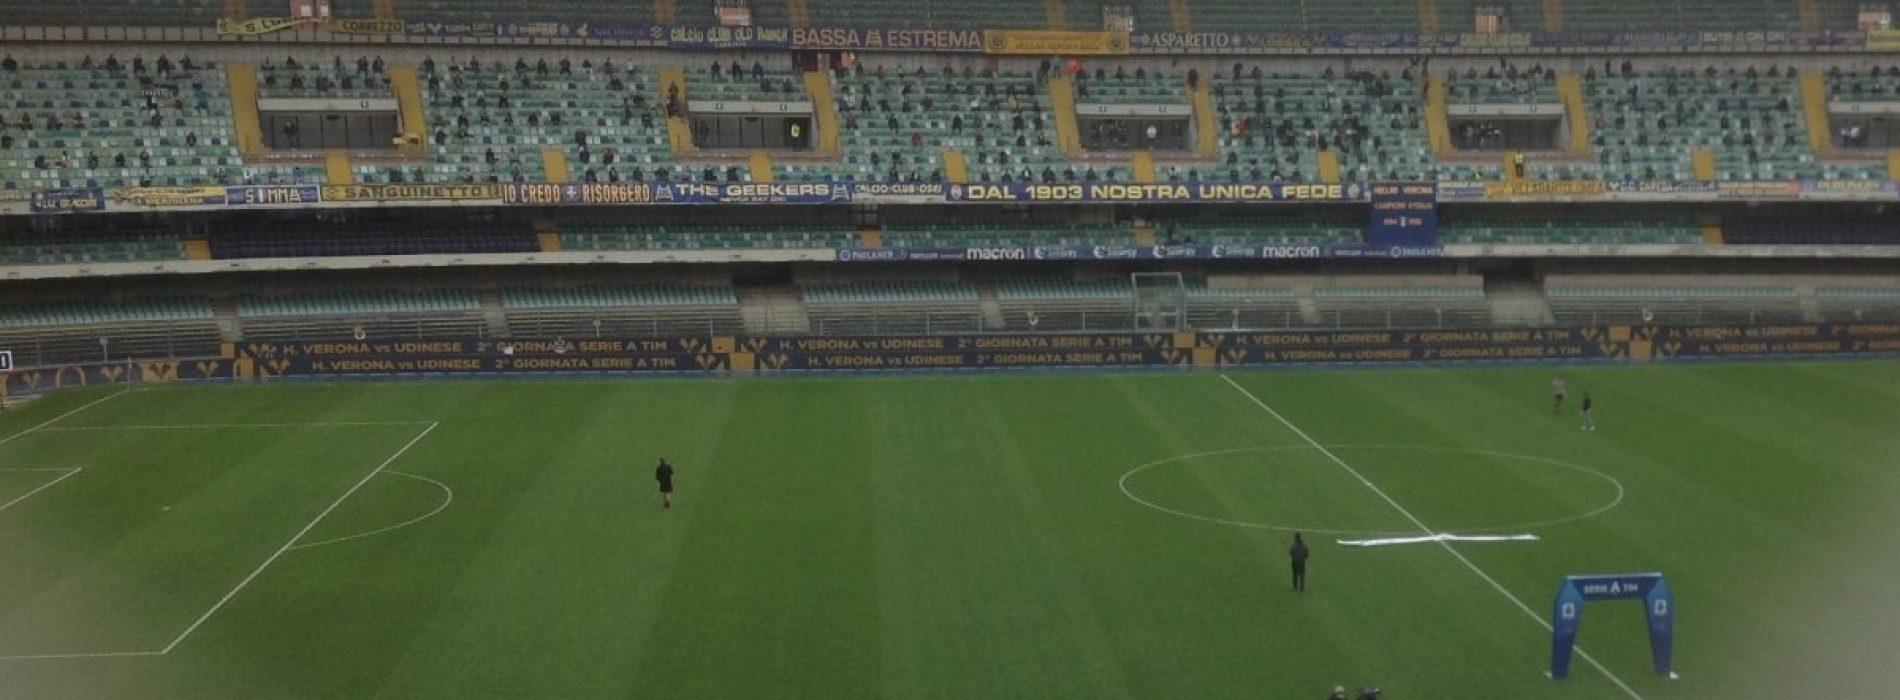 Verona- Udinese, 2a giornata di Serie A [LIVE]